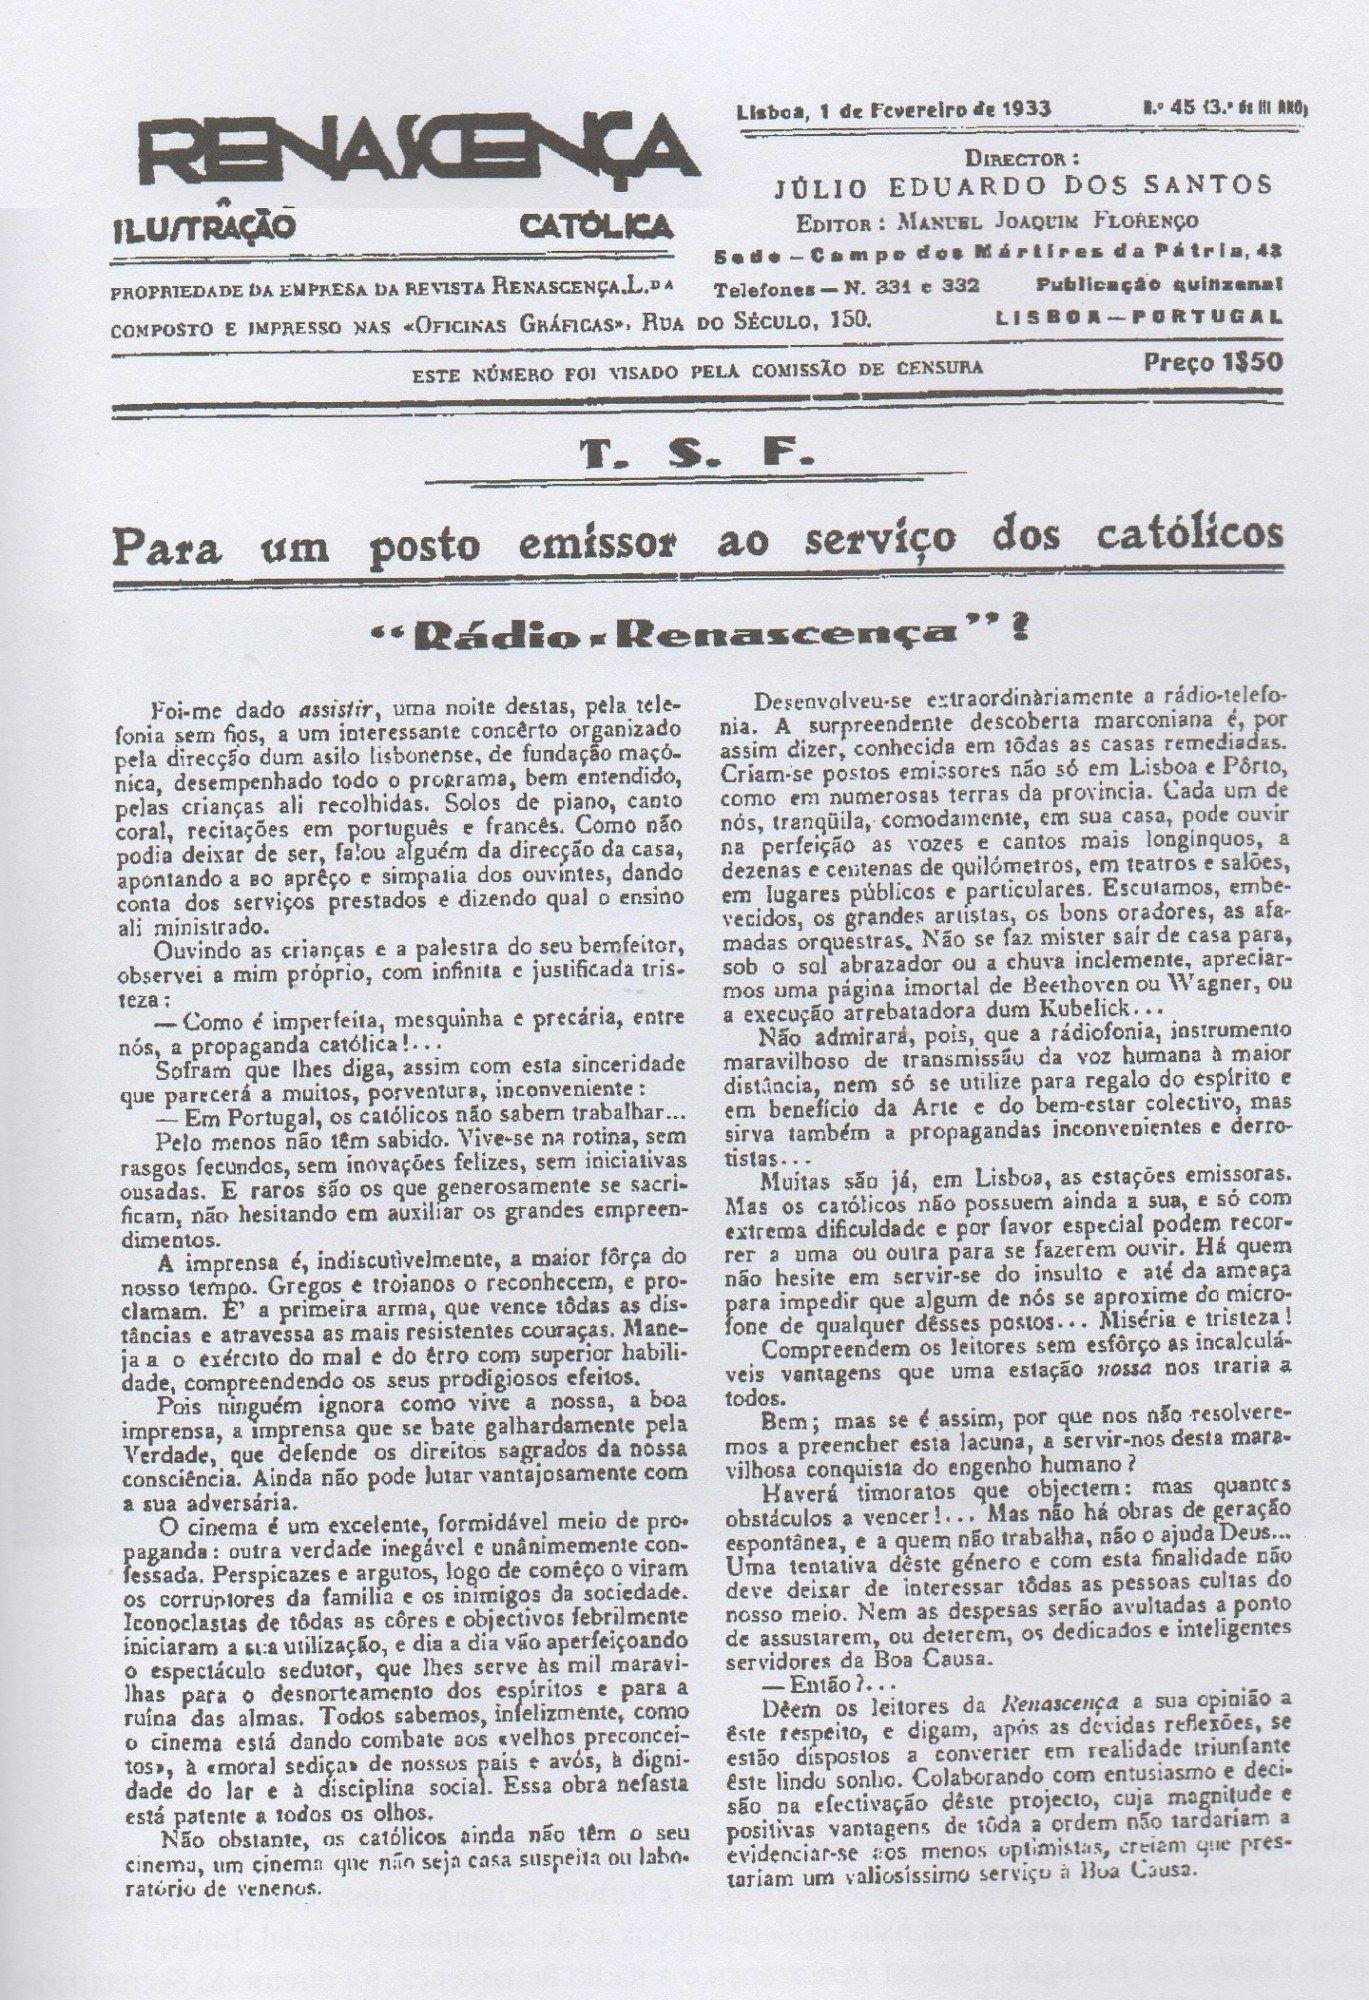 Artigo de Zuzarte Mendonça na revista Renascença, em 1933.